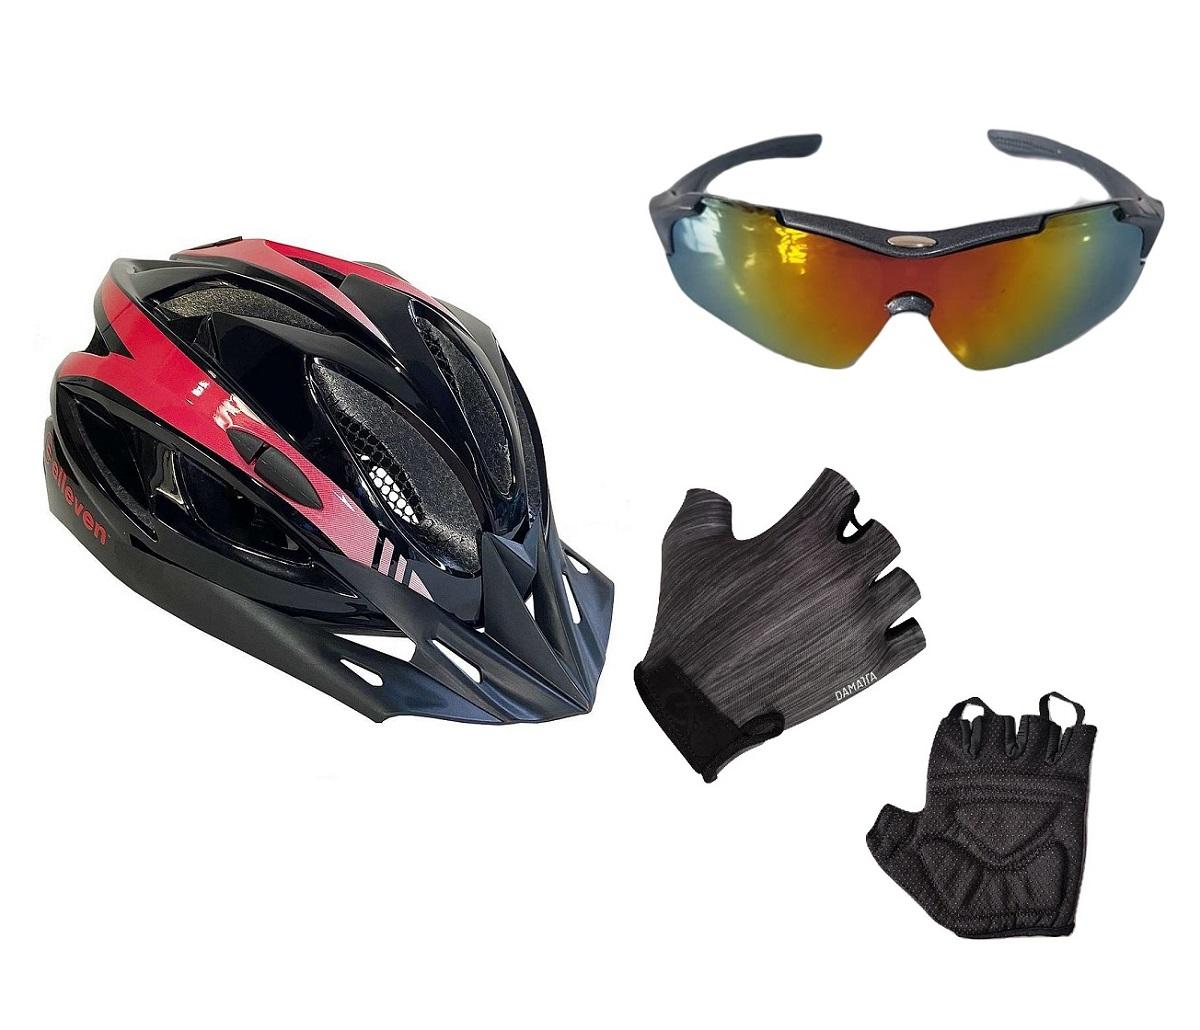 Capacete Ciclismo Led com Óculos Proteção Uv e Luva Bike Cinza